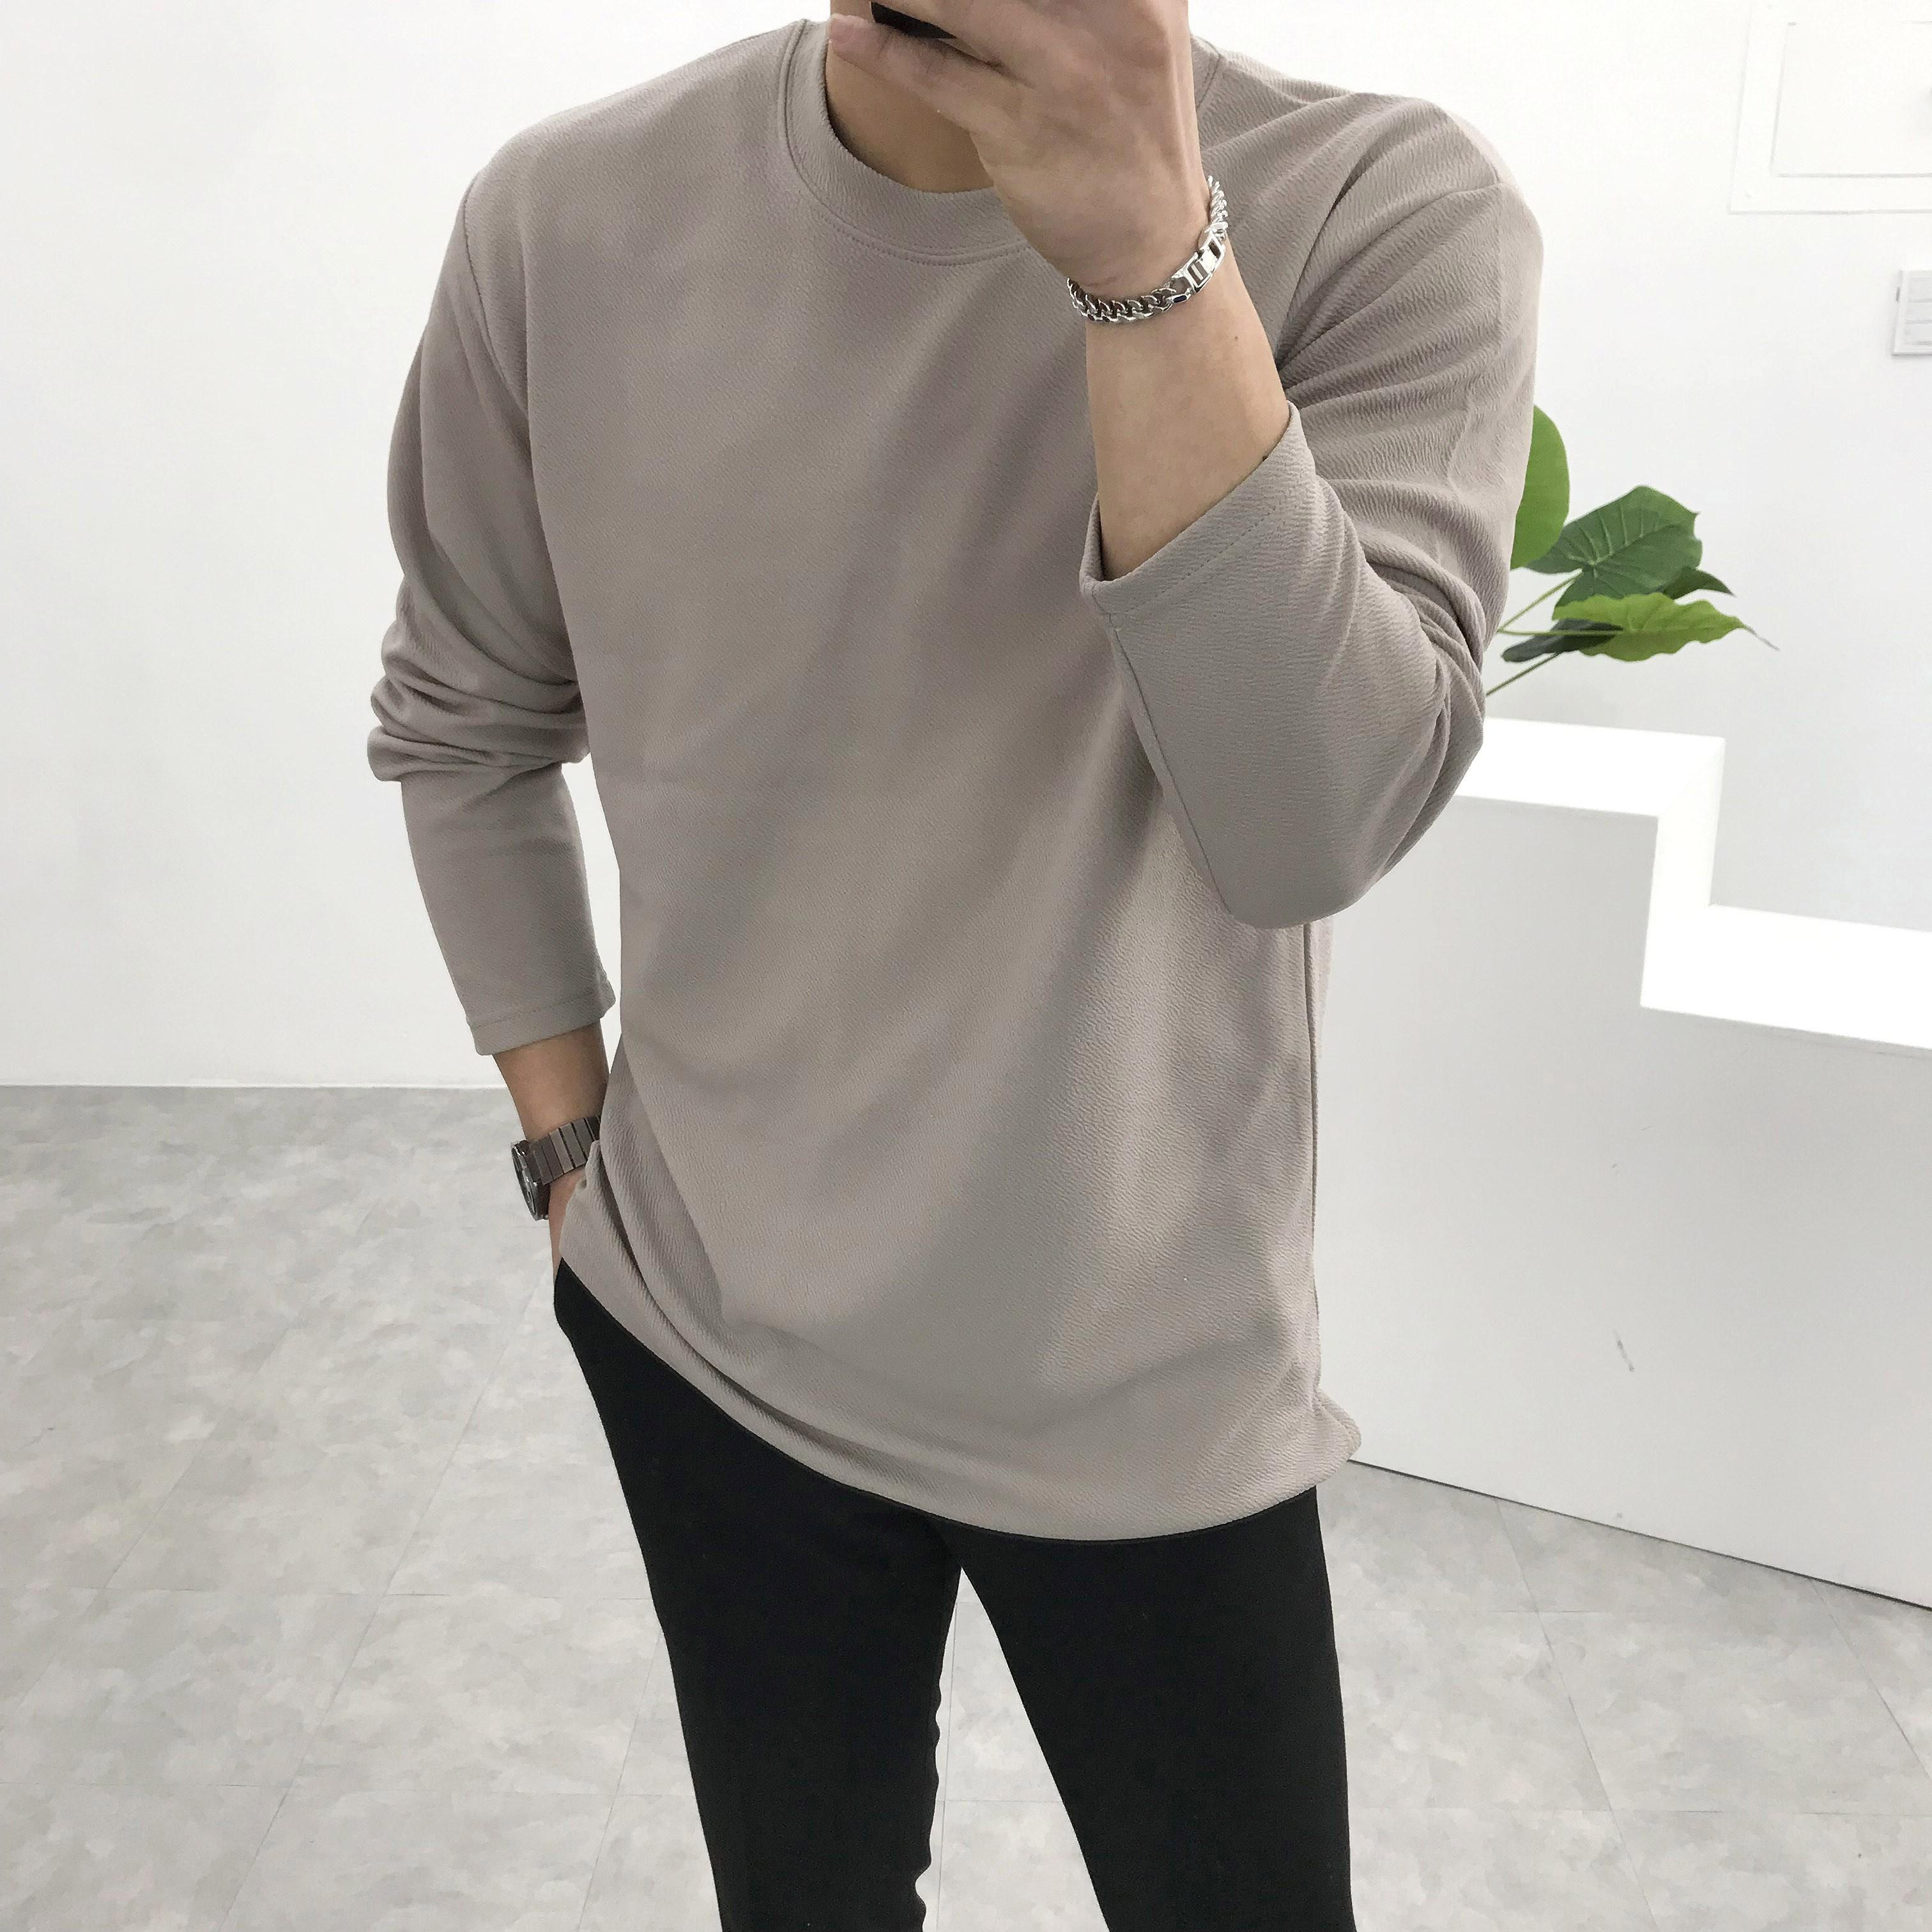 간빠레 편안한 스판 트임 라운드 긴팔티셔츠 긴팔 티셔츠